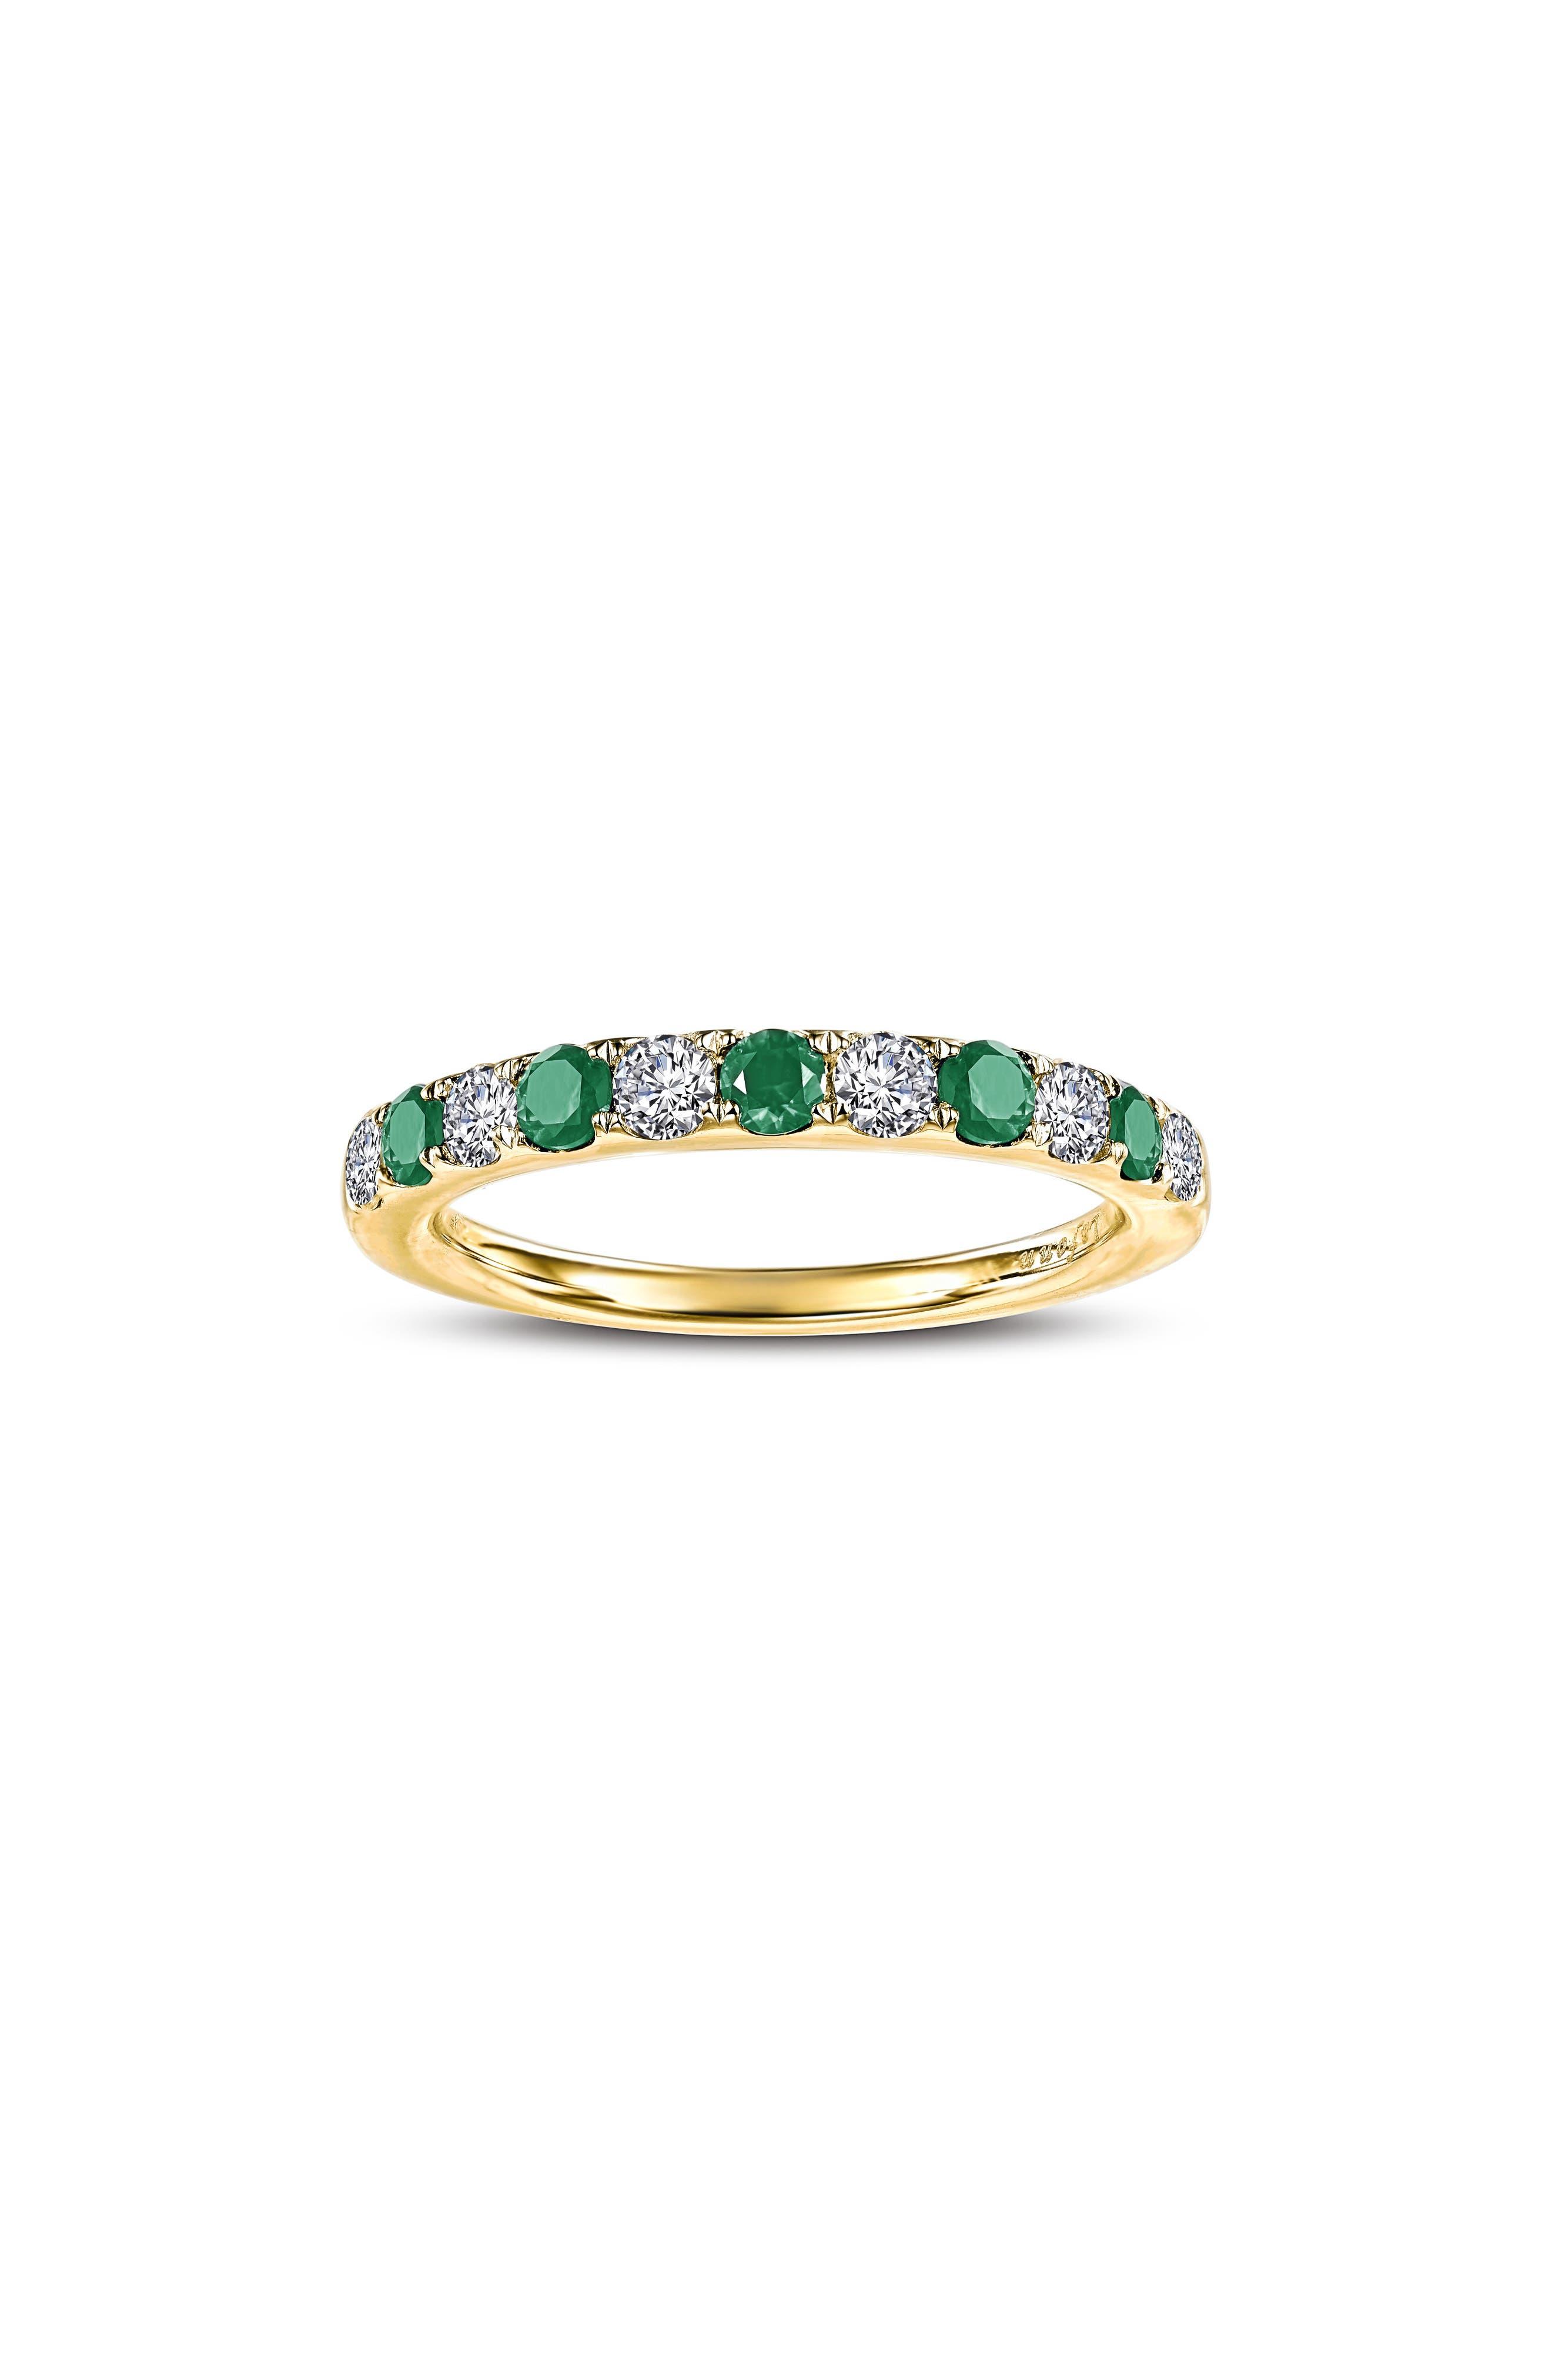 Simulated Diamond Birthstone Band Ring,                         Main,                         color, MAY - GREEN/ GOLD